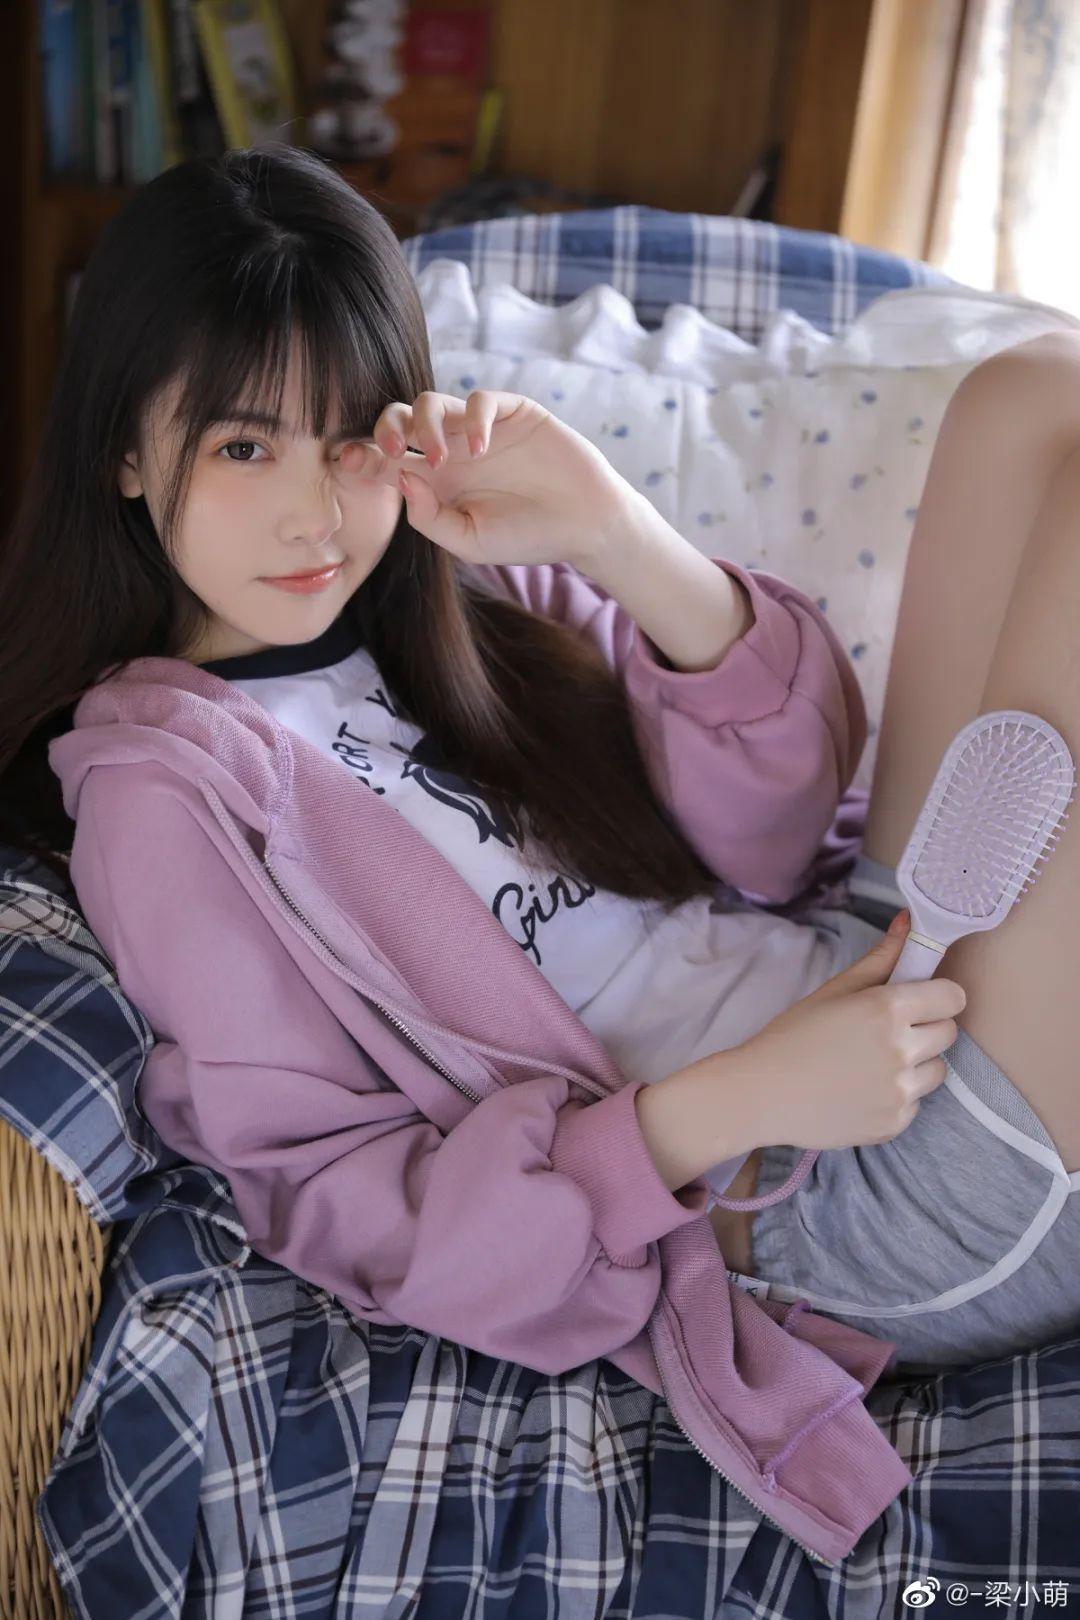 妹子摄影 – 带着娇嗔表情的丝袜美腿少女_图片 No.5